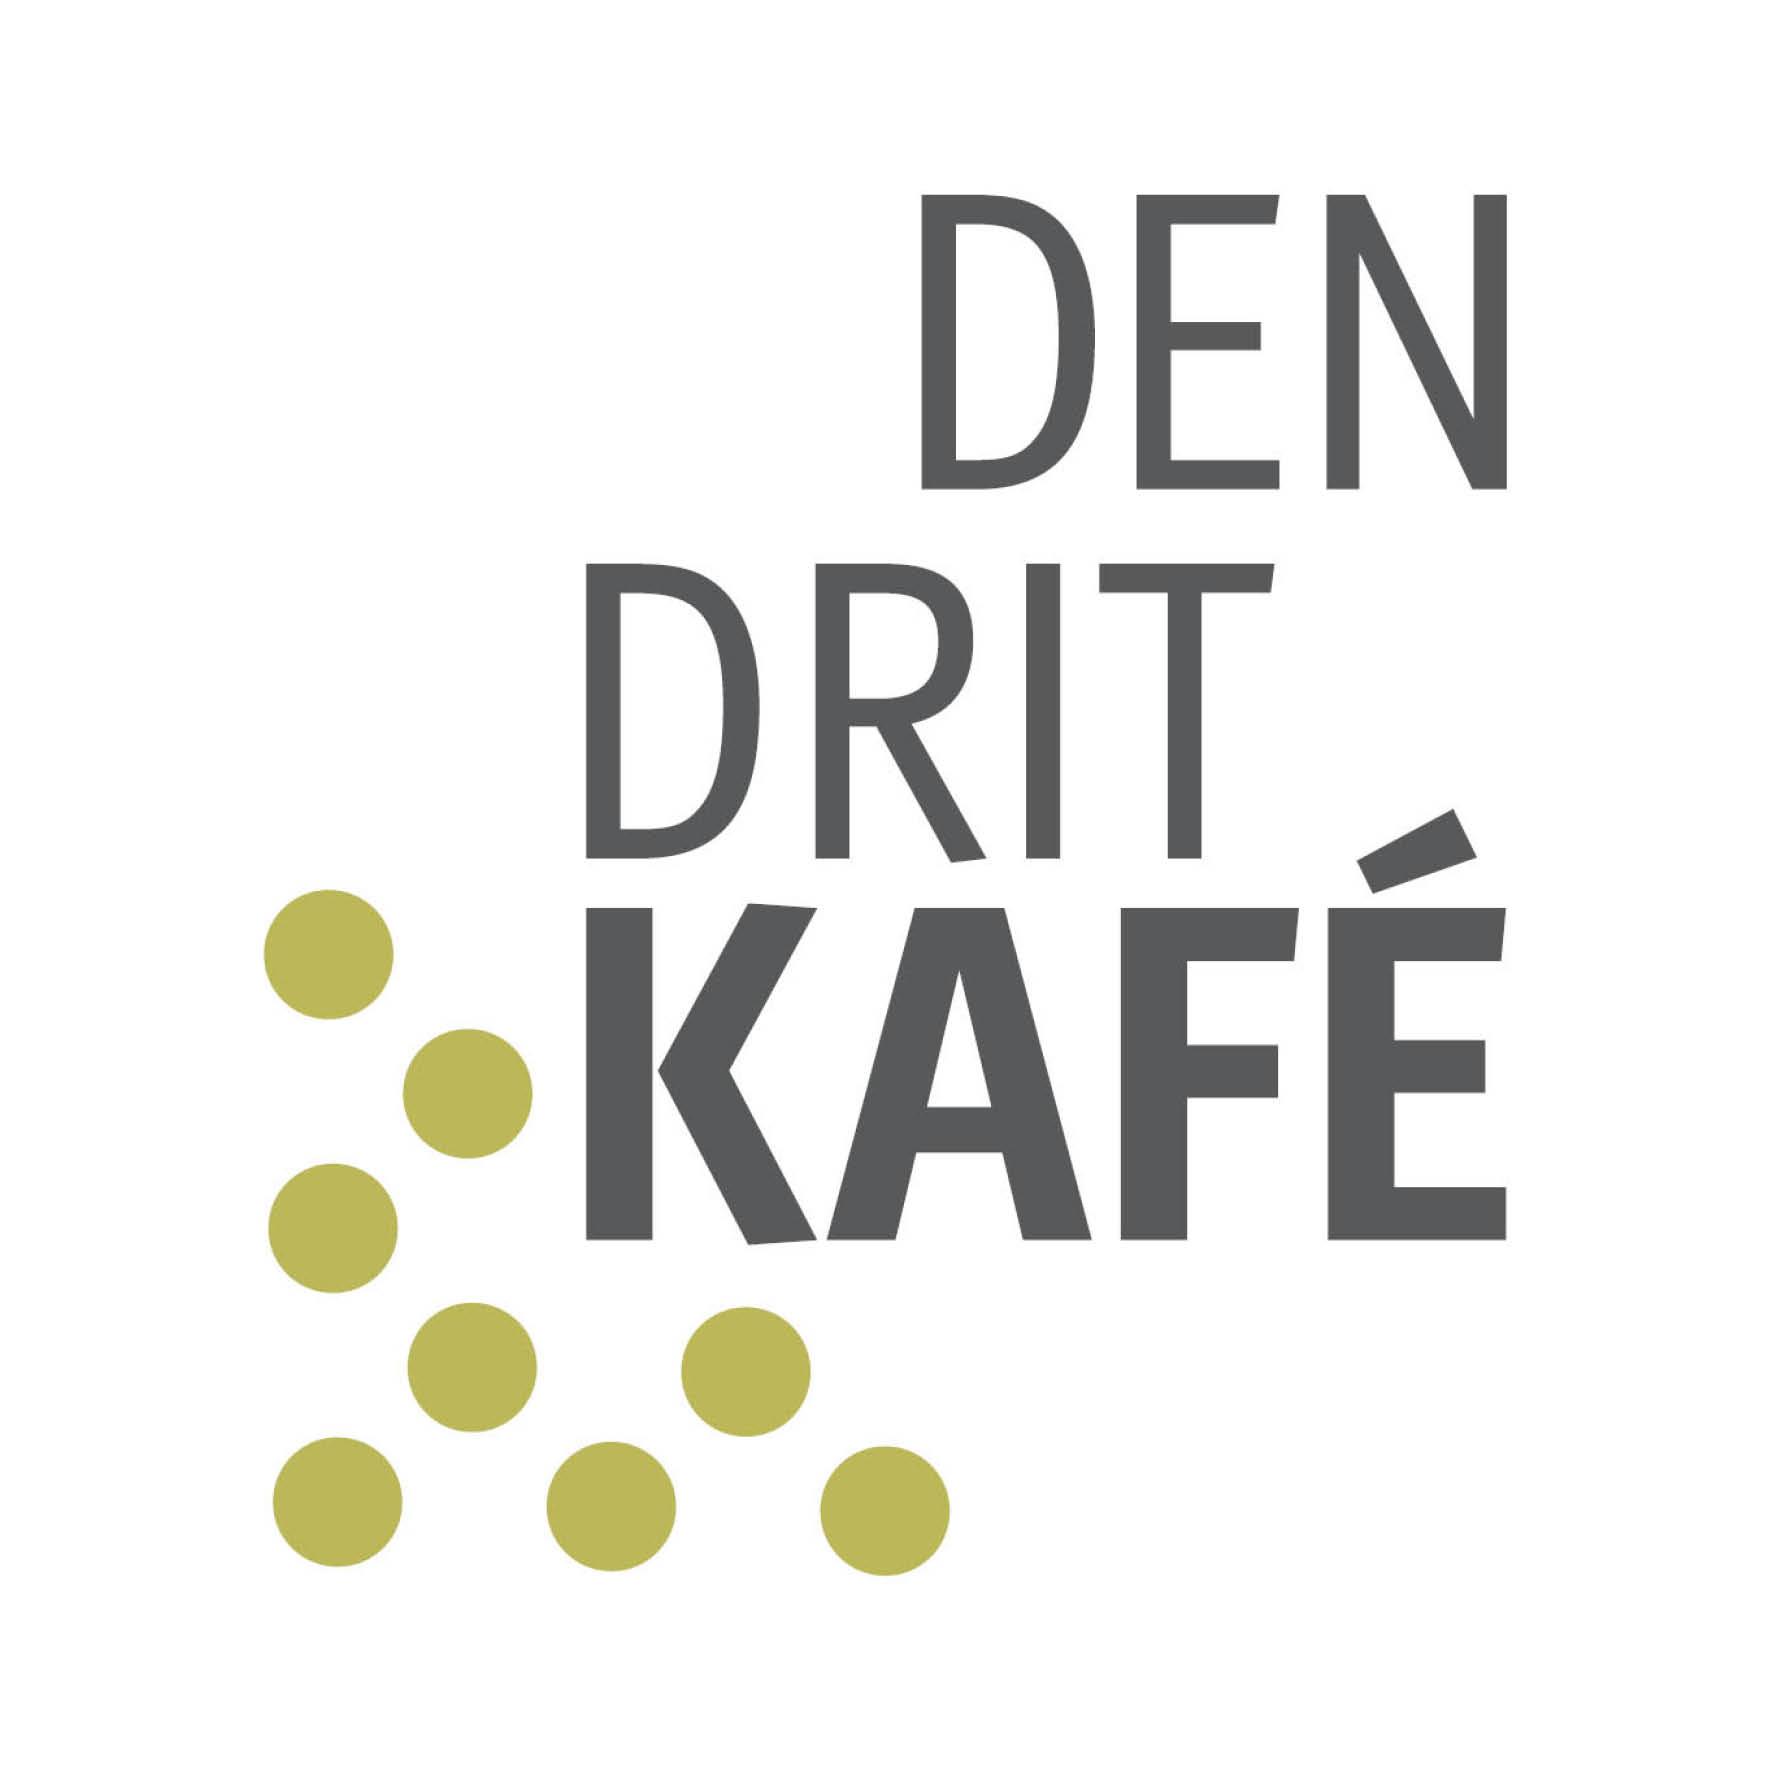 Dendrit kafé